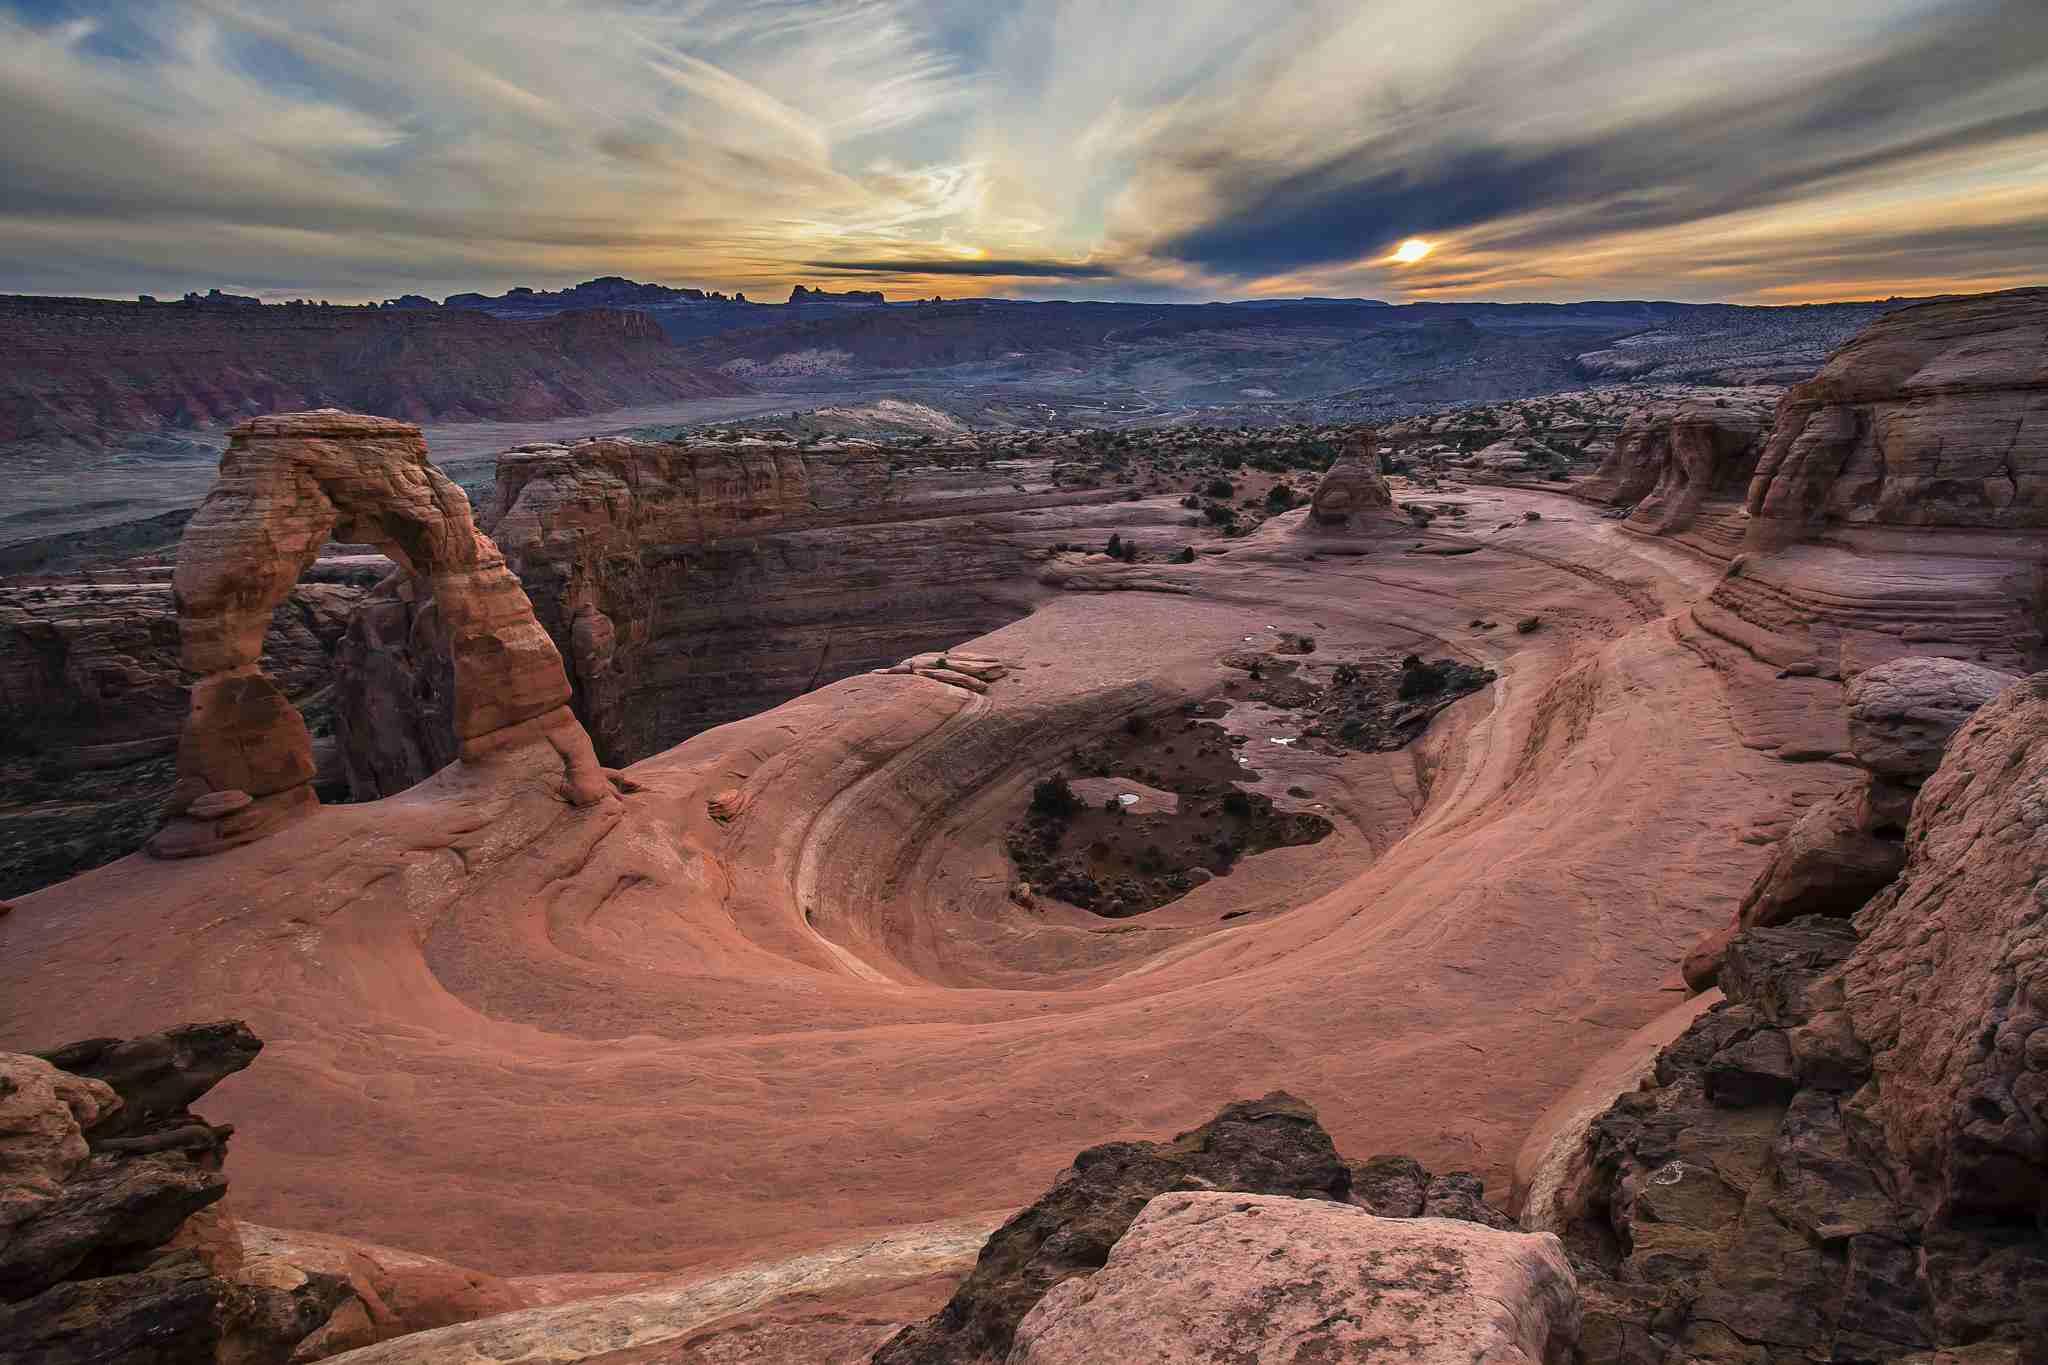 Atardecer en el arco delicado, en el Parque Nacional Arches, Utah